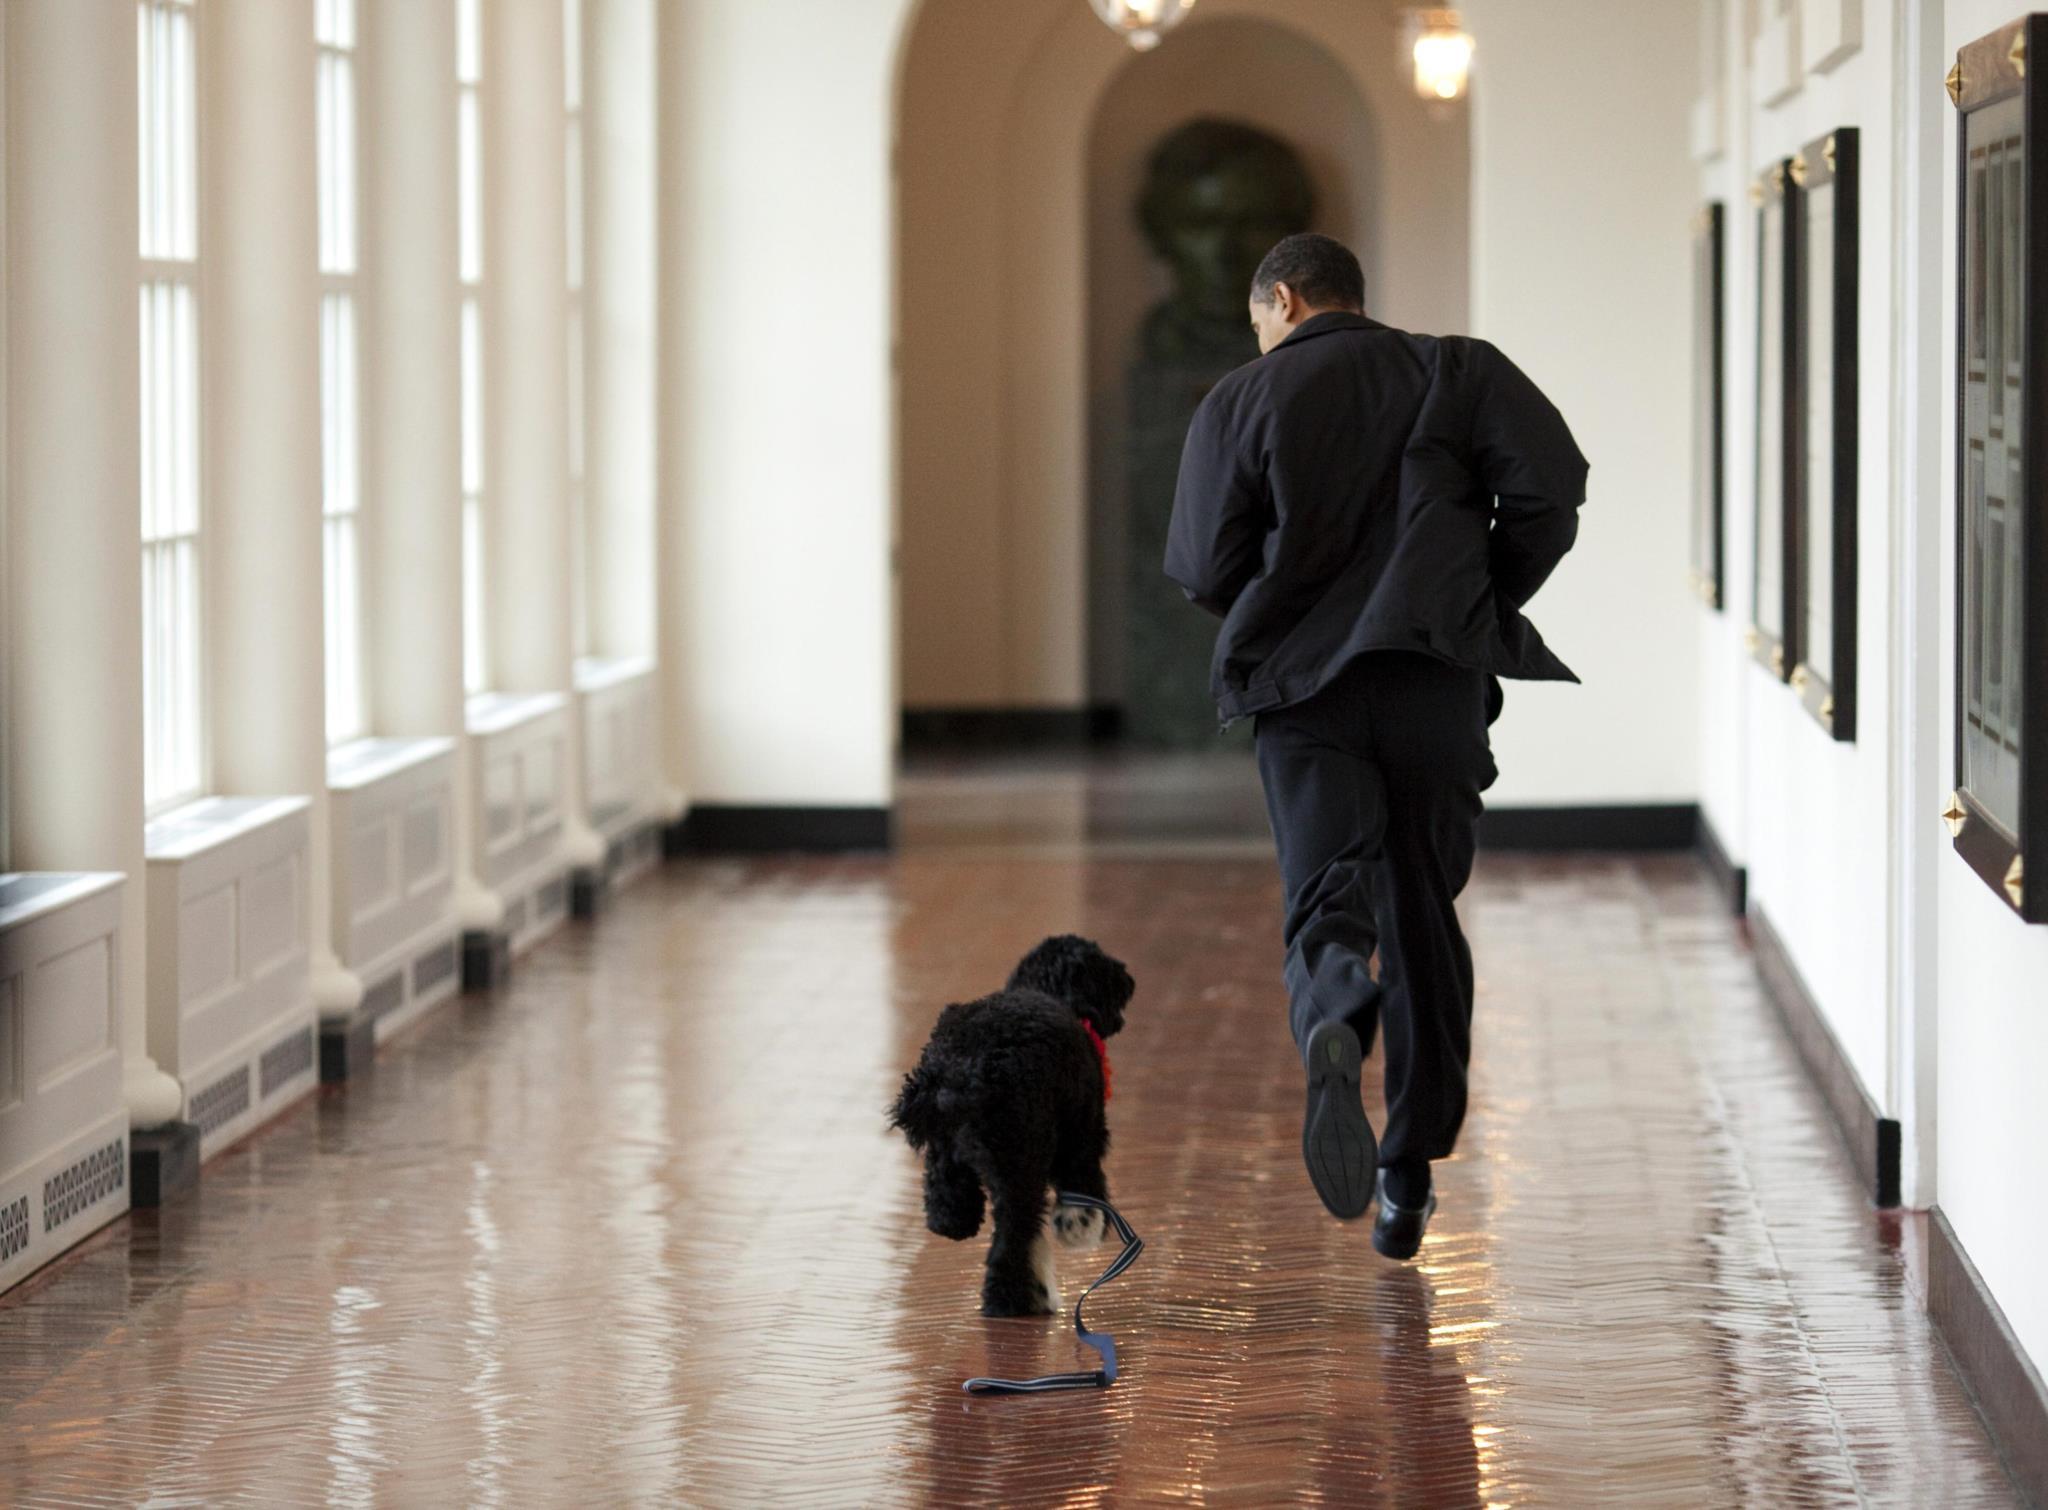 Bo, o cão de água português, tornou-se o companheiro da família Obama na Casa Branca e presença habitual nas fotografias oficiais do Presidente